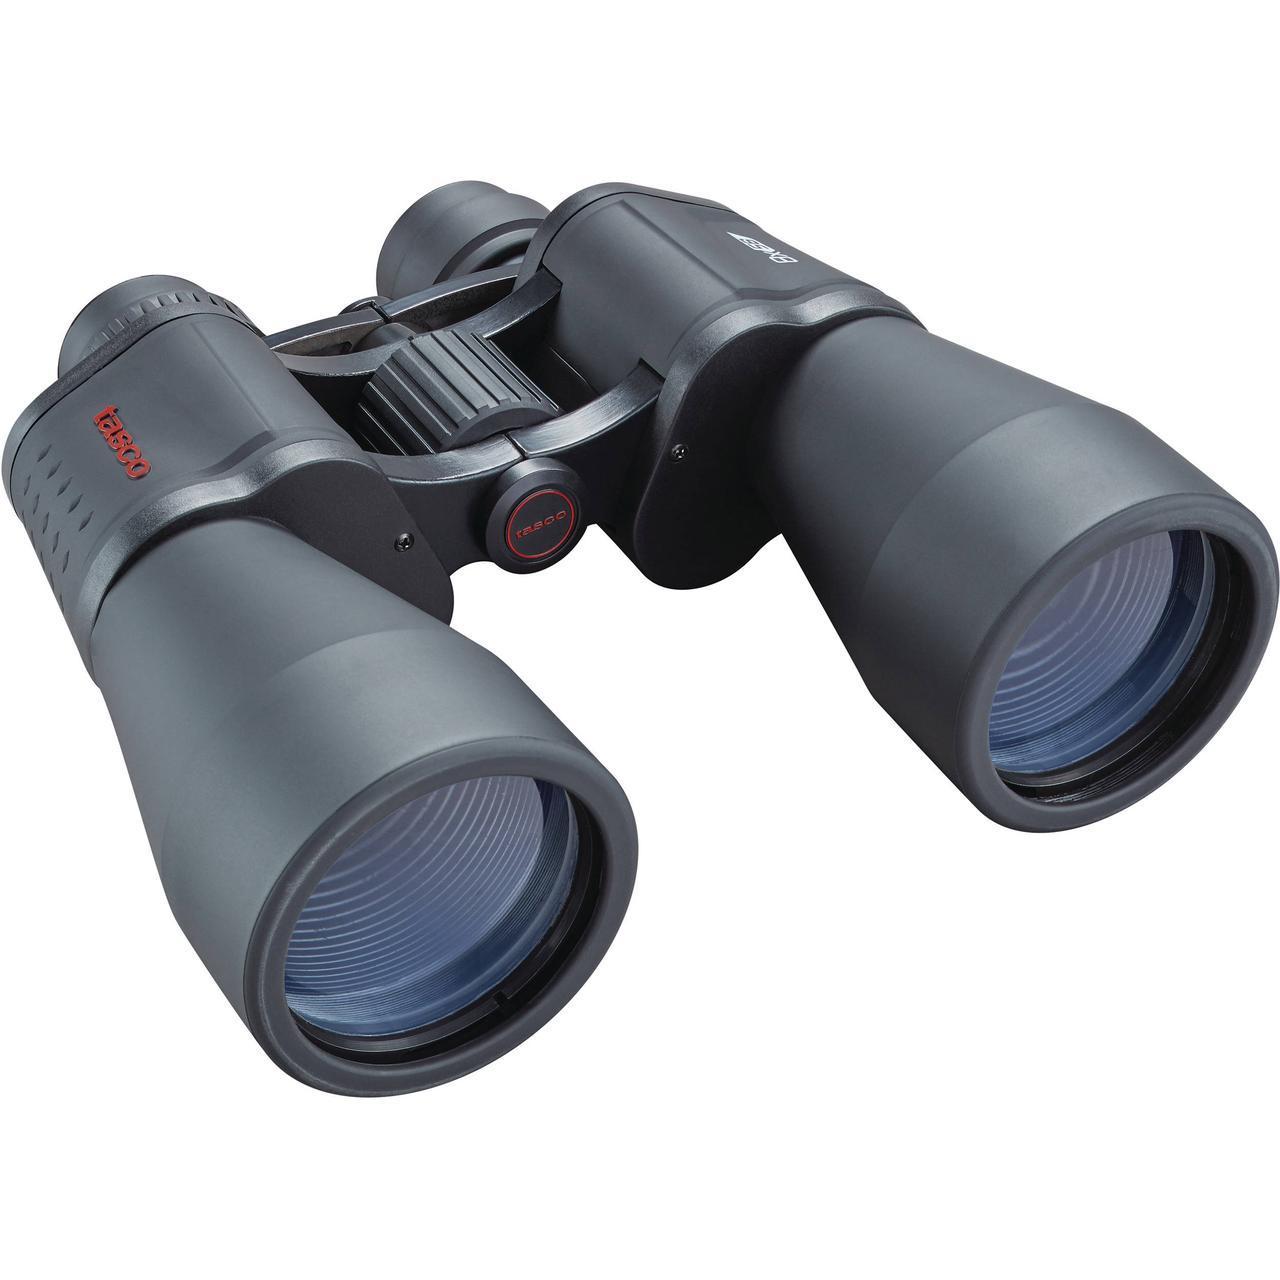 Бинокль полевой Tasco Essentials Porro 8x56, Сфера применения: Дневной свет, в сумерках, при плохой погоде, Цв